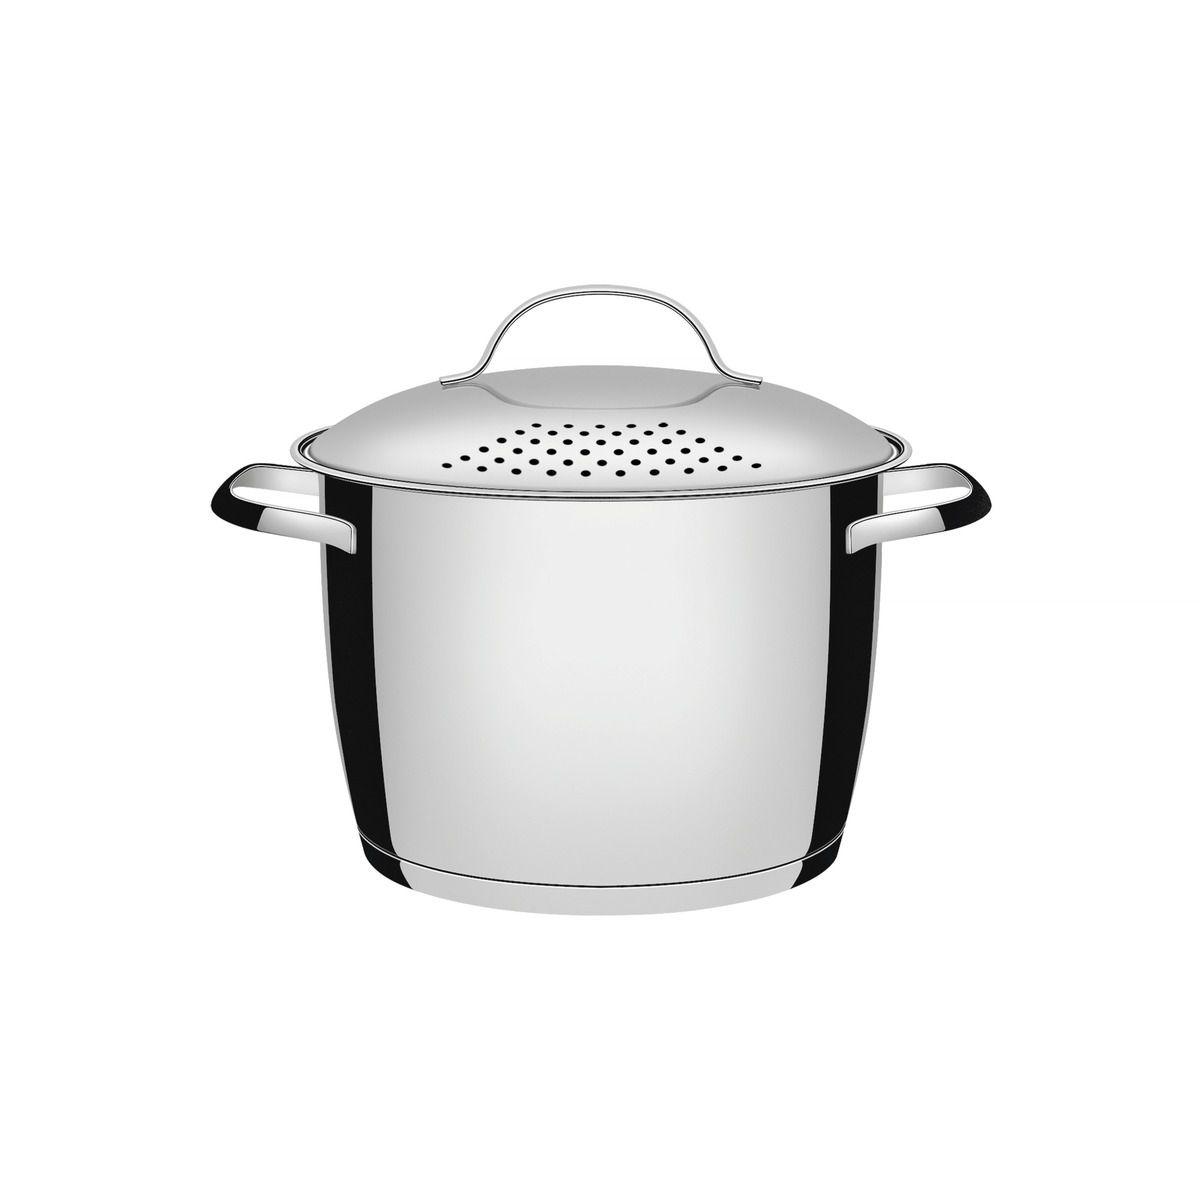 Espagueteira Tramontina Allegra em Aço Inox com Fundo Triplo 22 cm 5,5 L 62667/223   Lojas Estrela